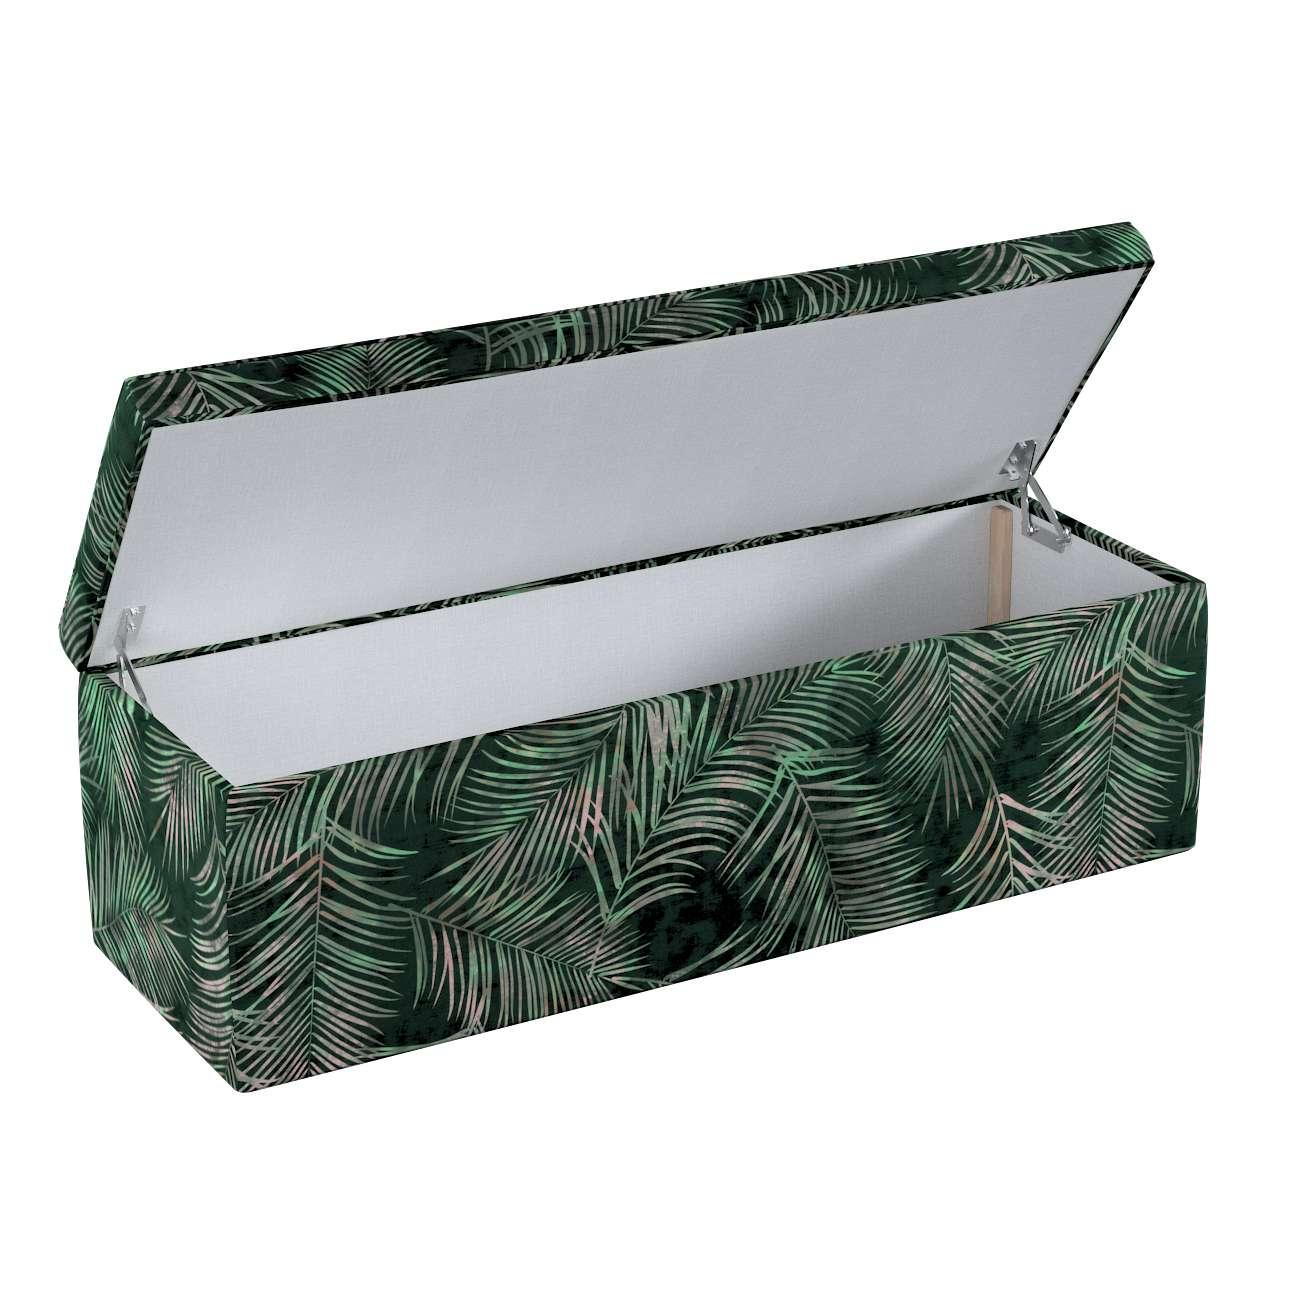 Čalouněná skříň s volbou látky - 2 velikosti v kolekci Velvet, látka: 704-21